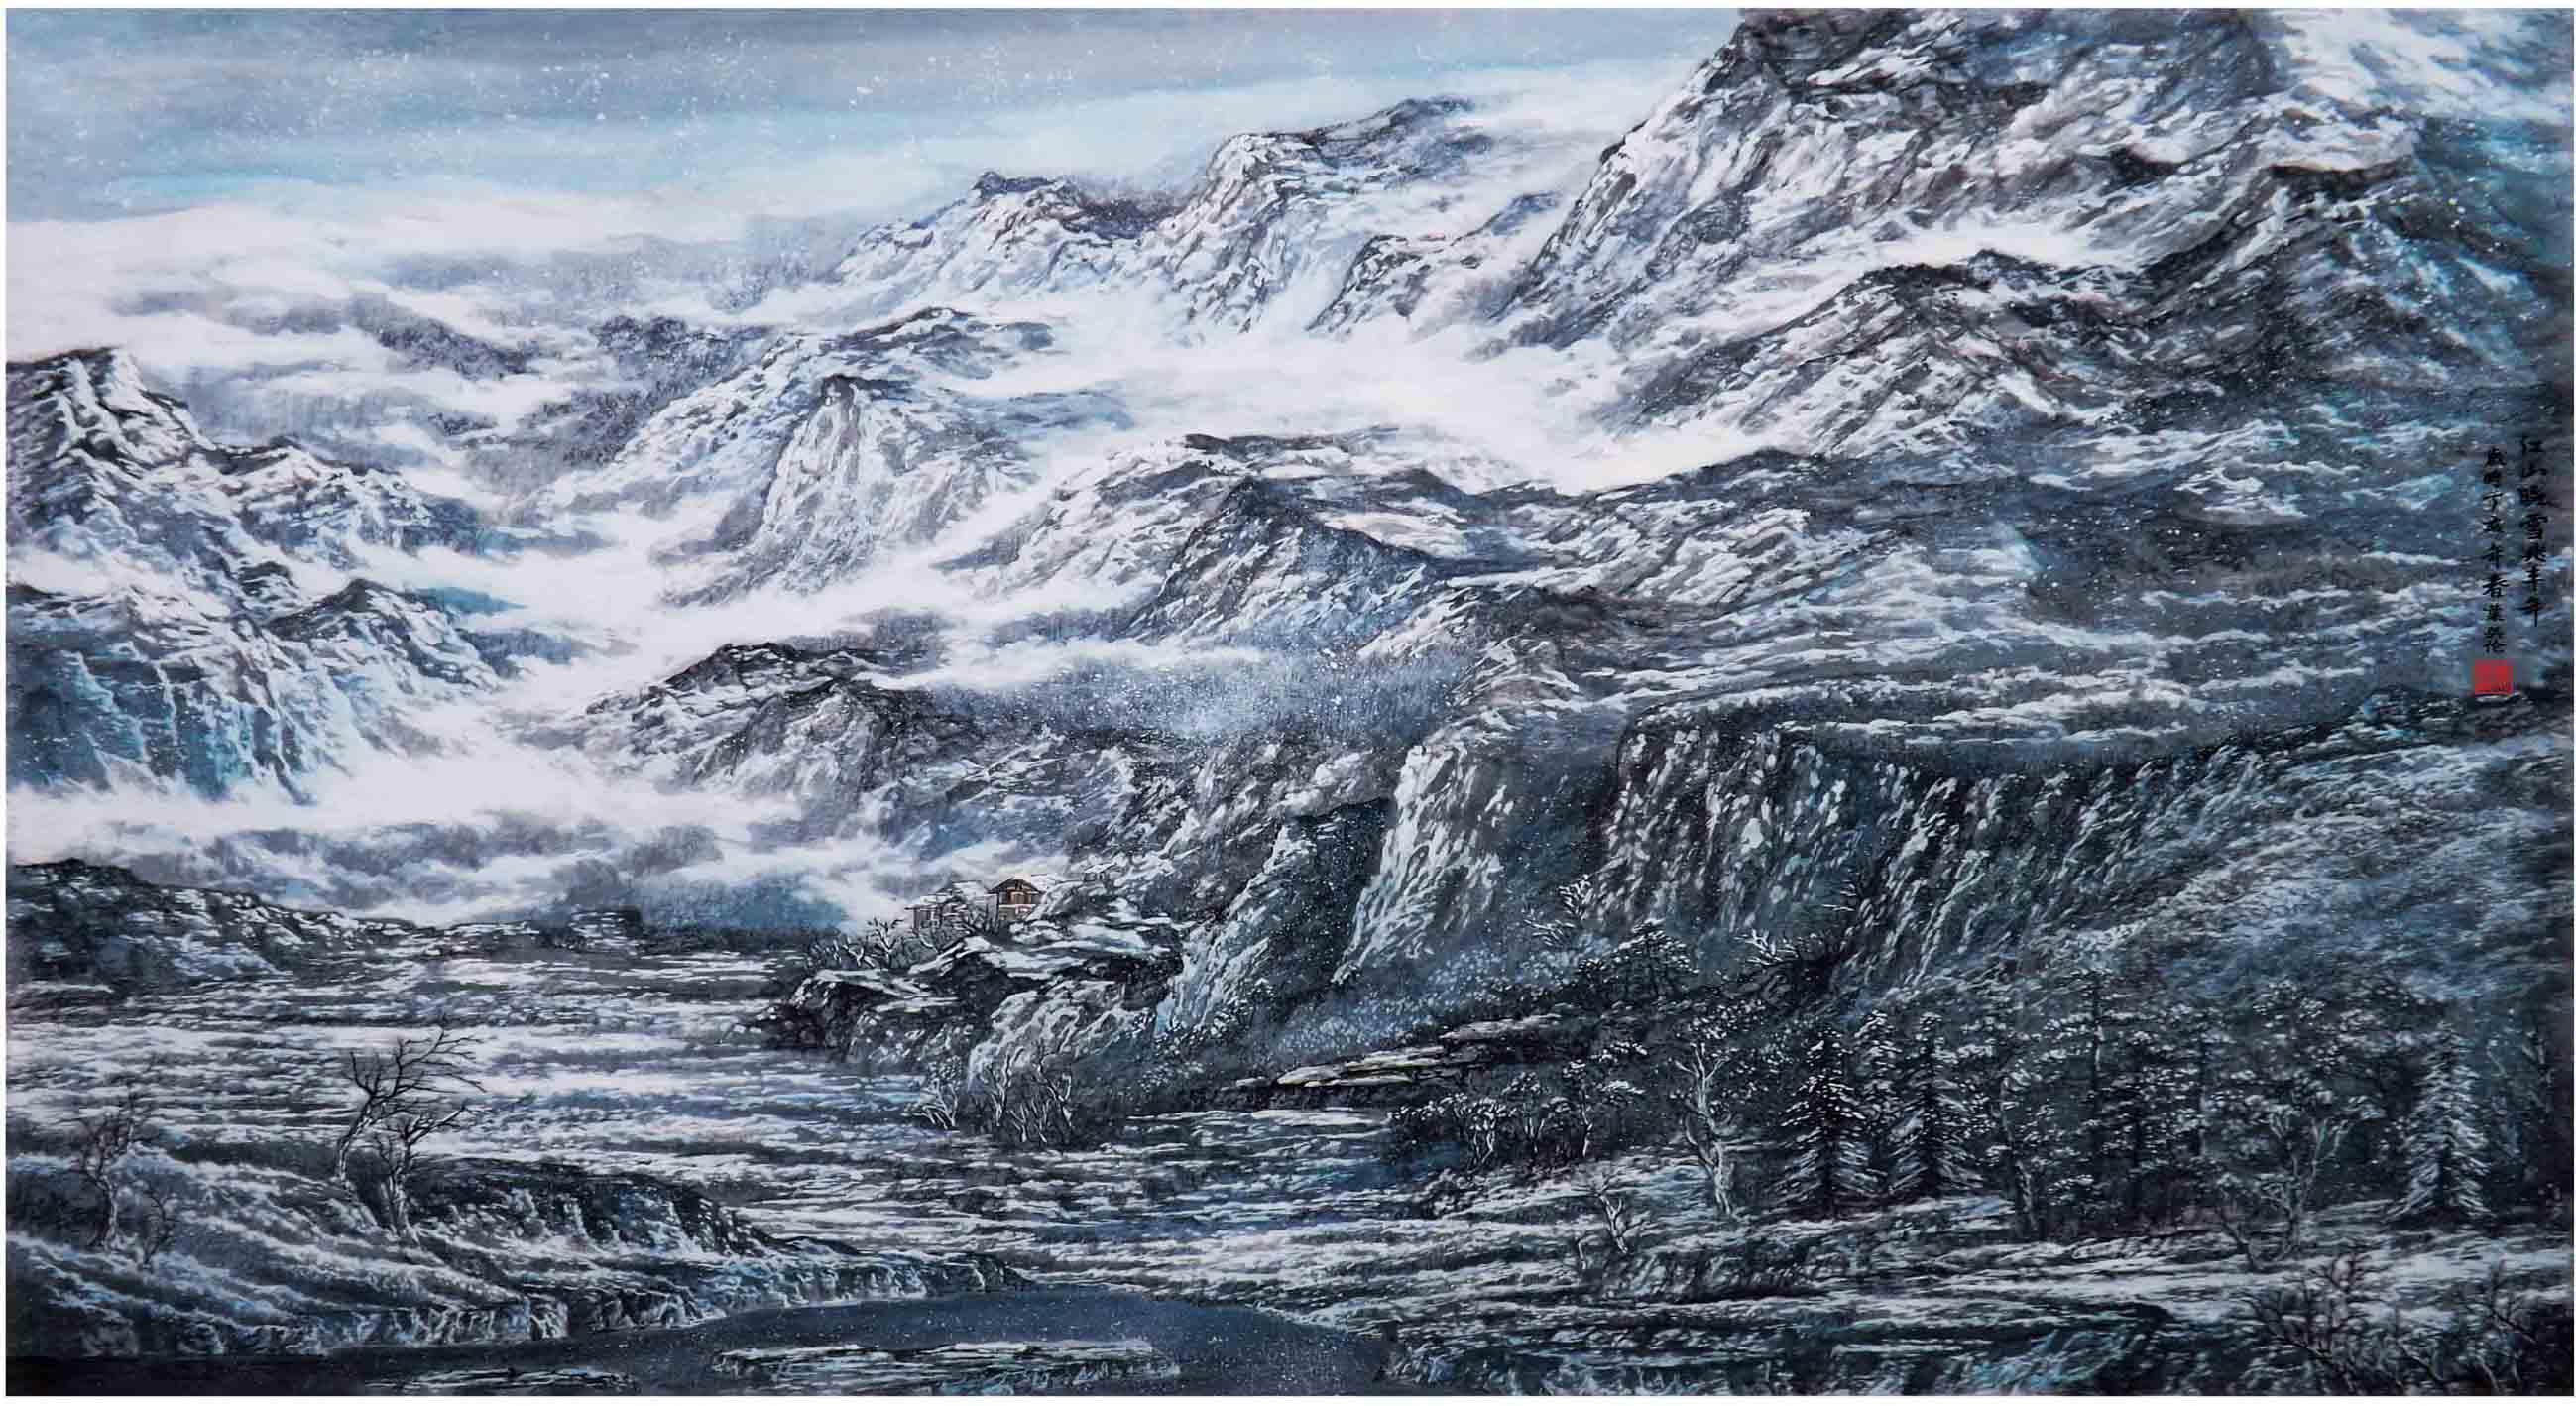 《江山晓雪兆丰年》叶英伦原创写实景色代表作品